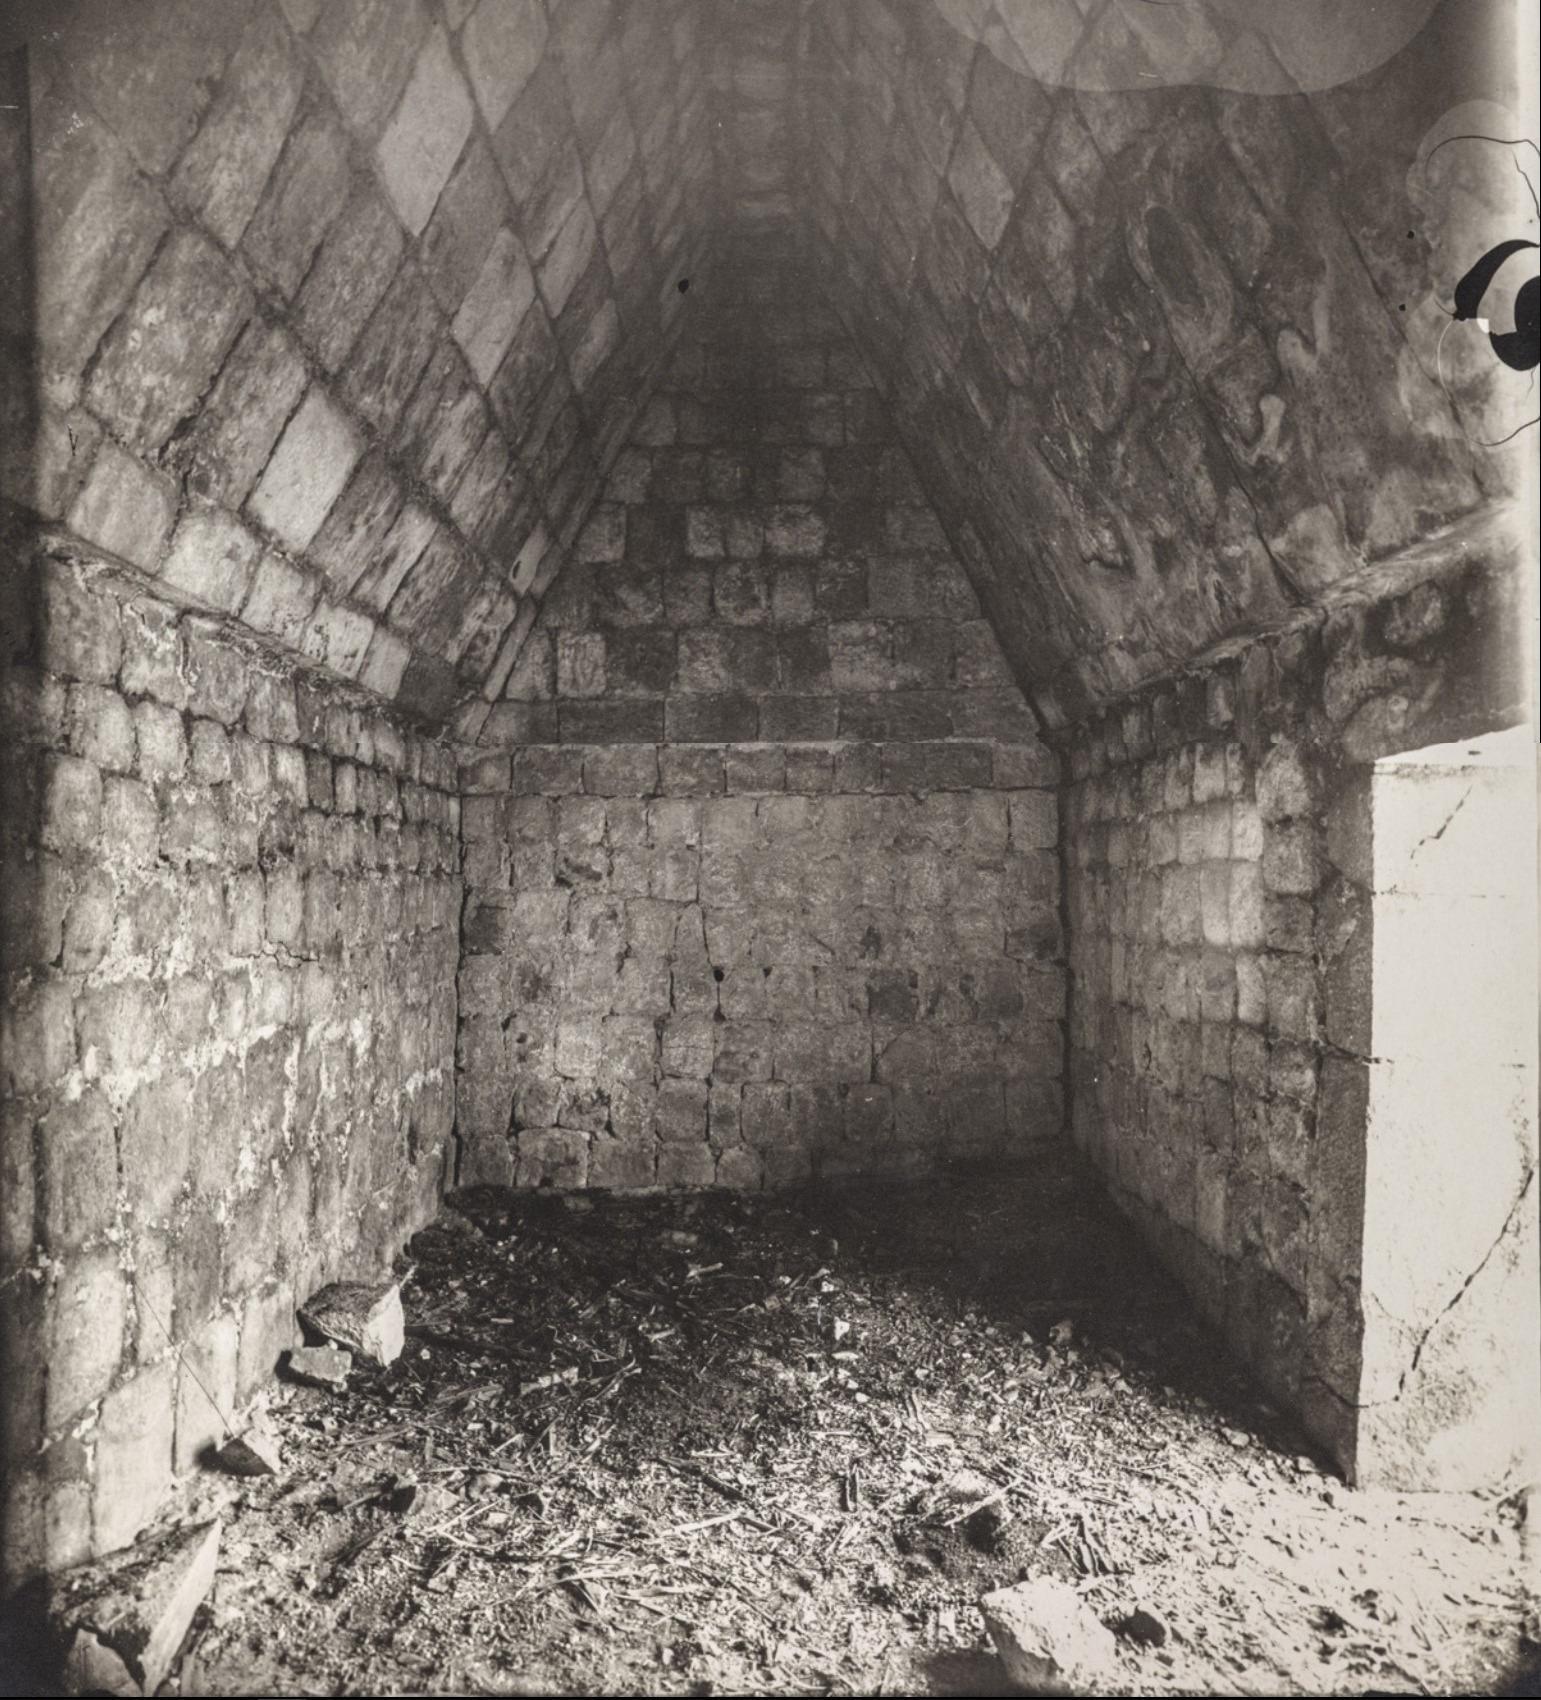 Чичен-Ица. Склеп в здании «Лас Моньяс» («Женский монастырь»)